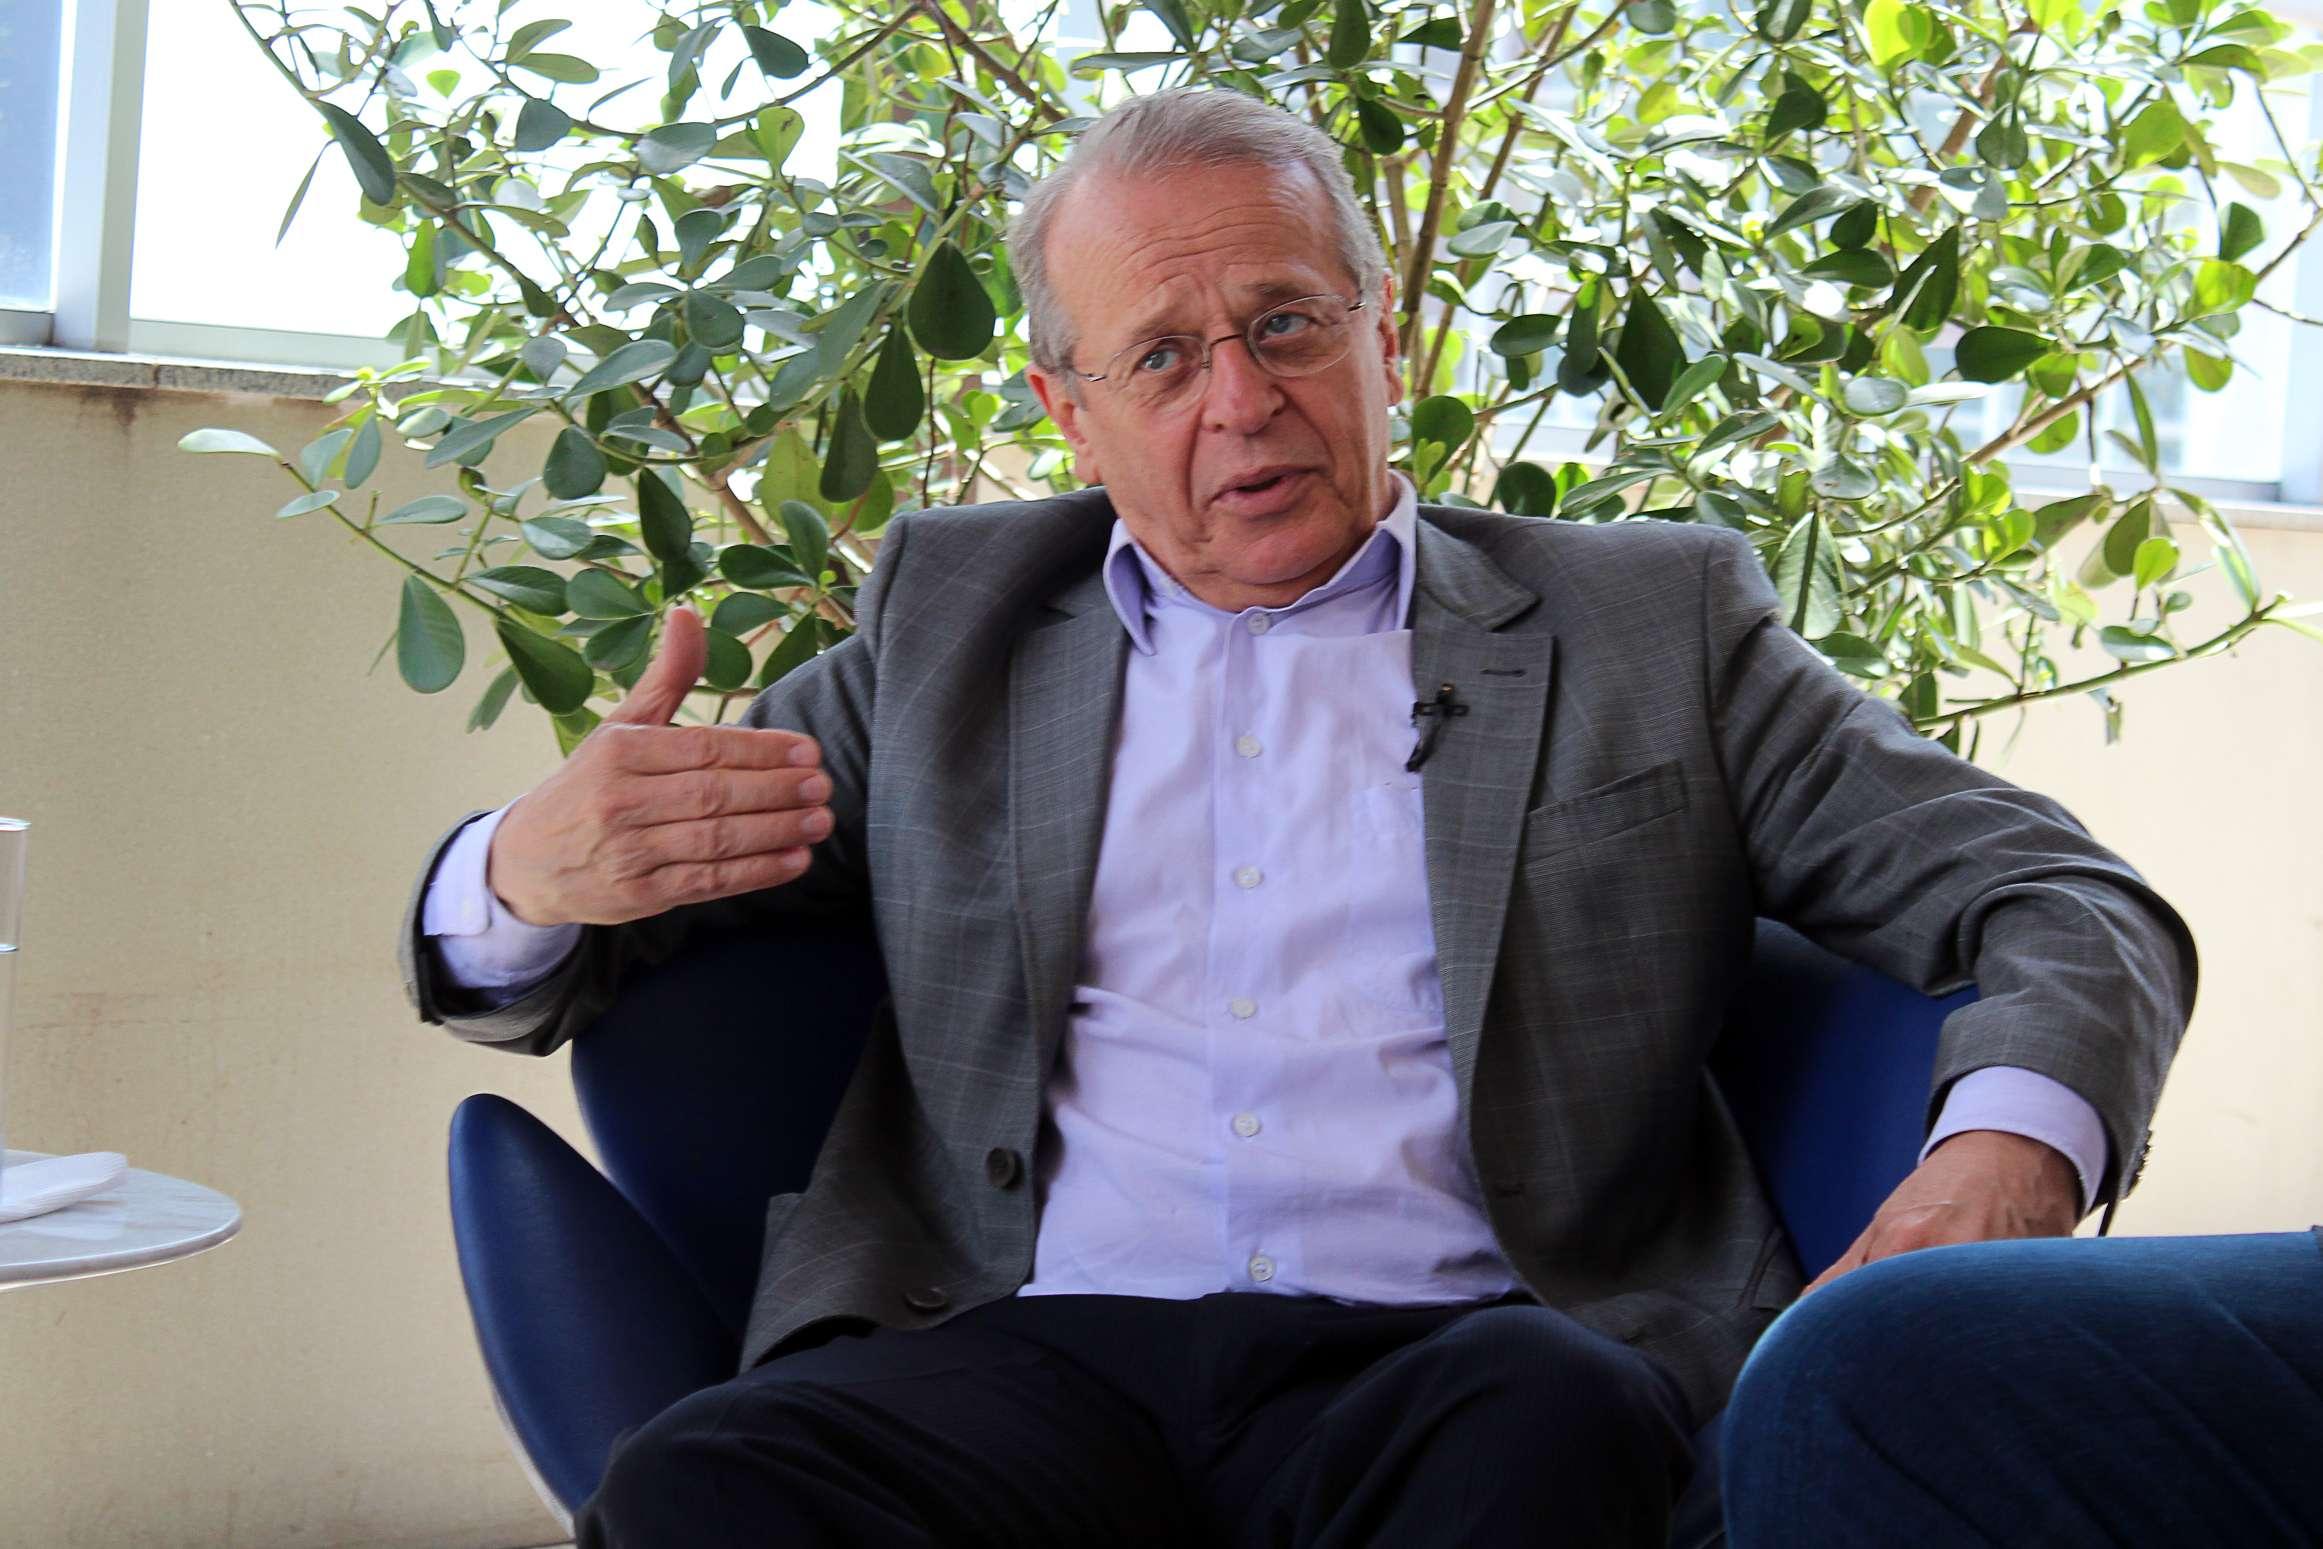 Em entrevista ao Terra, Tarso Genro (PT) falou sobre seus planos para o Estado, caso seja reeleito governador do Rio Grande do Sul Foto: Liana Pithan/Terra